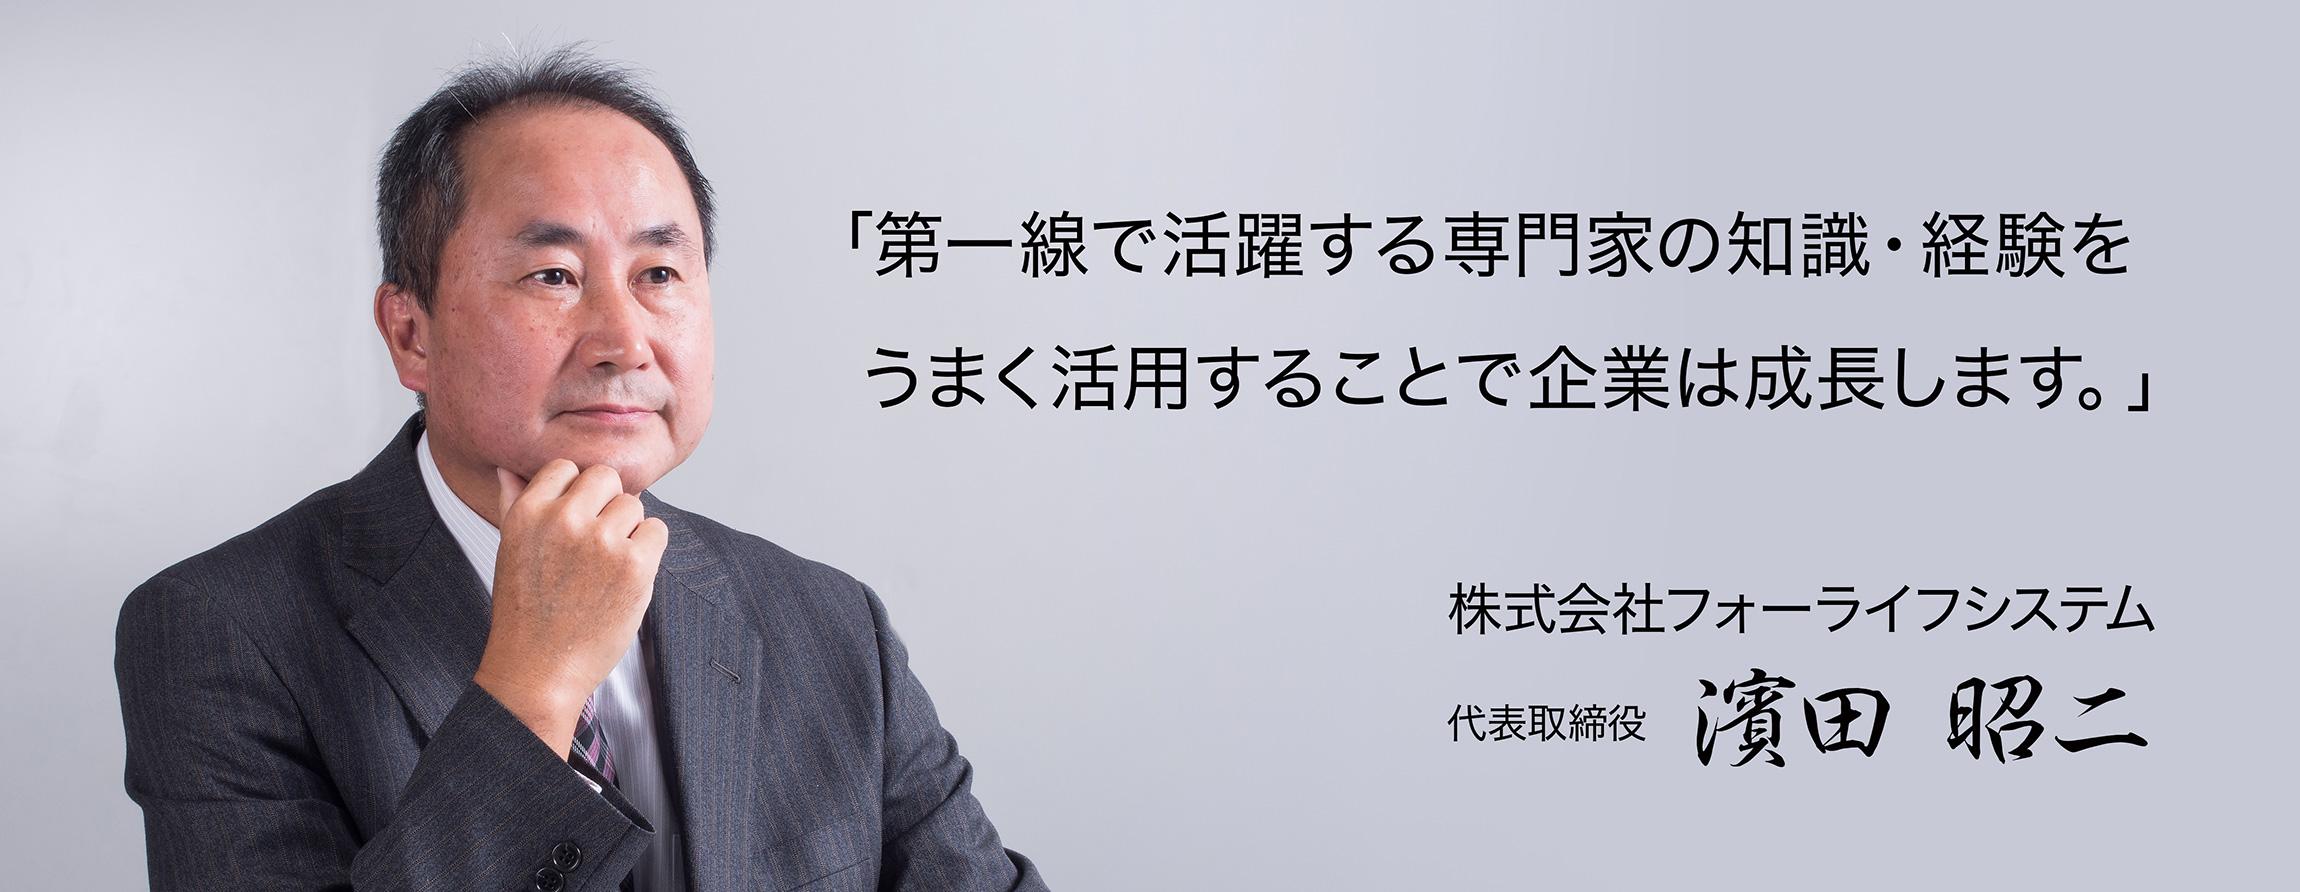 「第一線で活躍する専門家の知識・経験をうまく活用することで企業は成長します。」株式会社フォーライフシステム 代表取締役 濱田 昭二